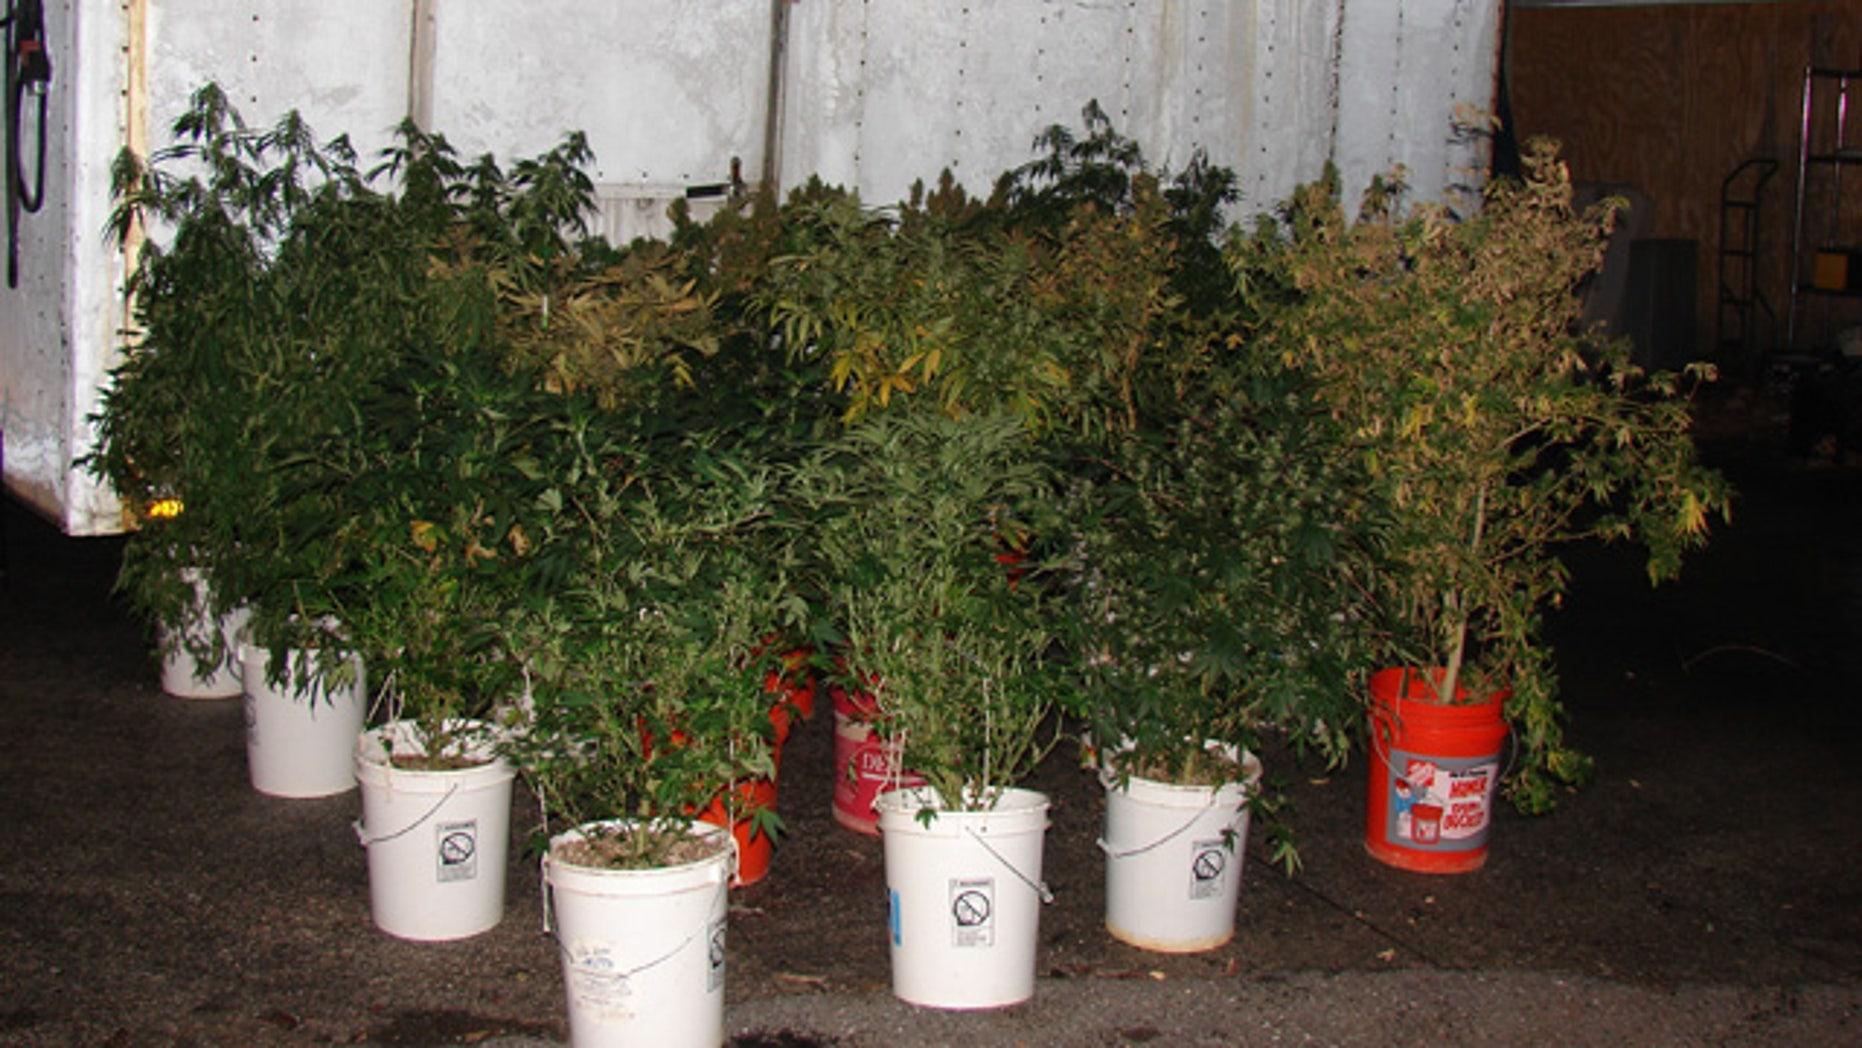 Maryland Car Wreck Leads to Indoor Marijuana Farm | Fox News